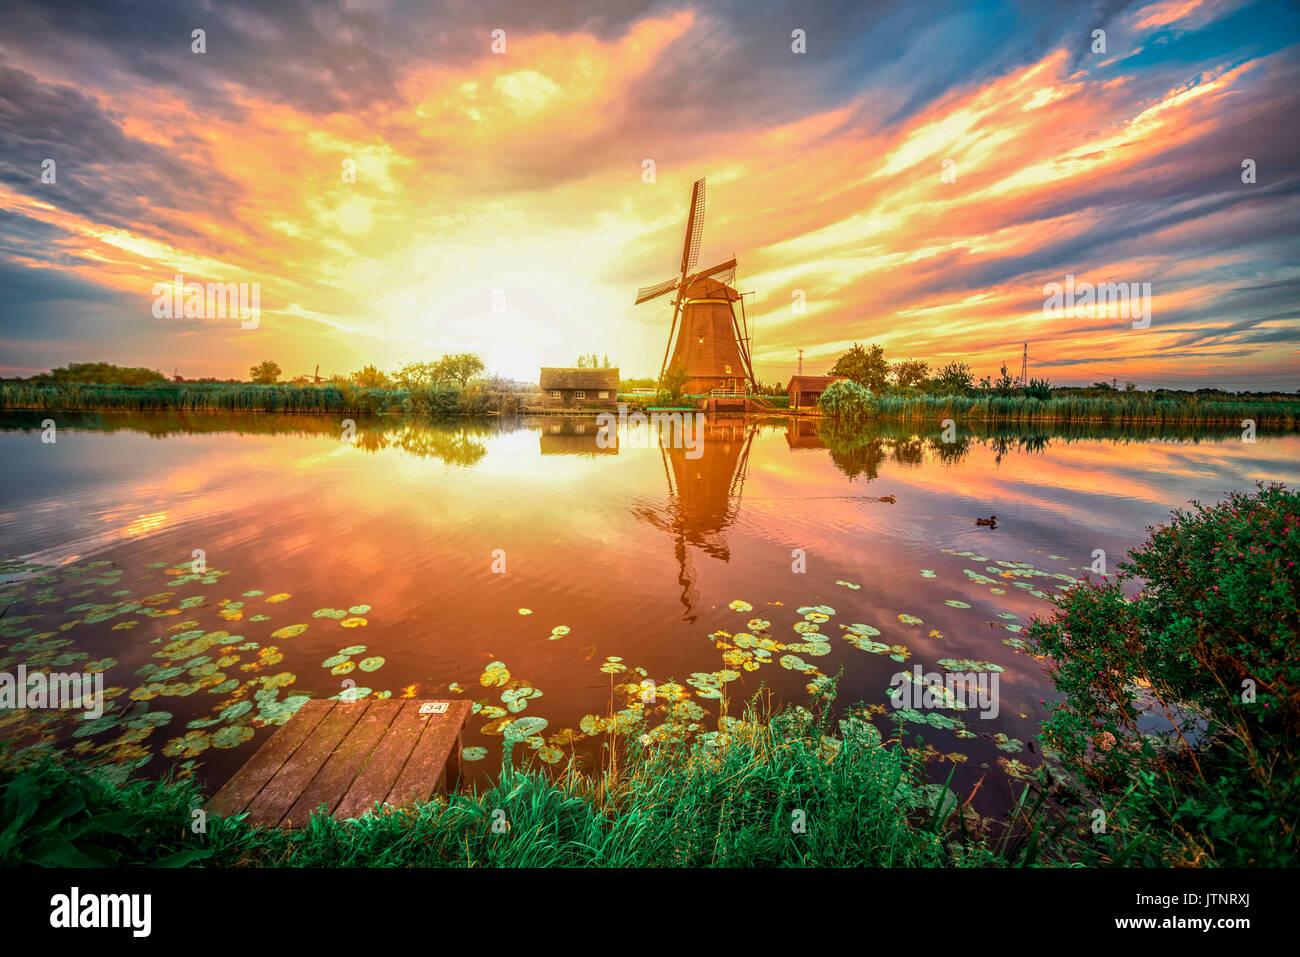 Lever du soleil sur la kinderdijk moulin construit en 17 siècle, l'Unesco des monuments du patrimoine mondial à alblasserdam, au sud-ouest de Rotterdam, Pays-Bas Photo Stock